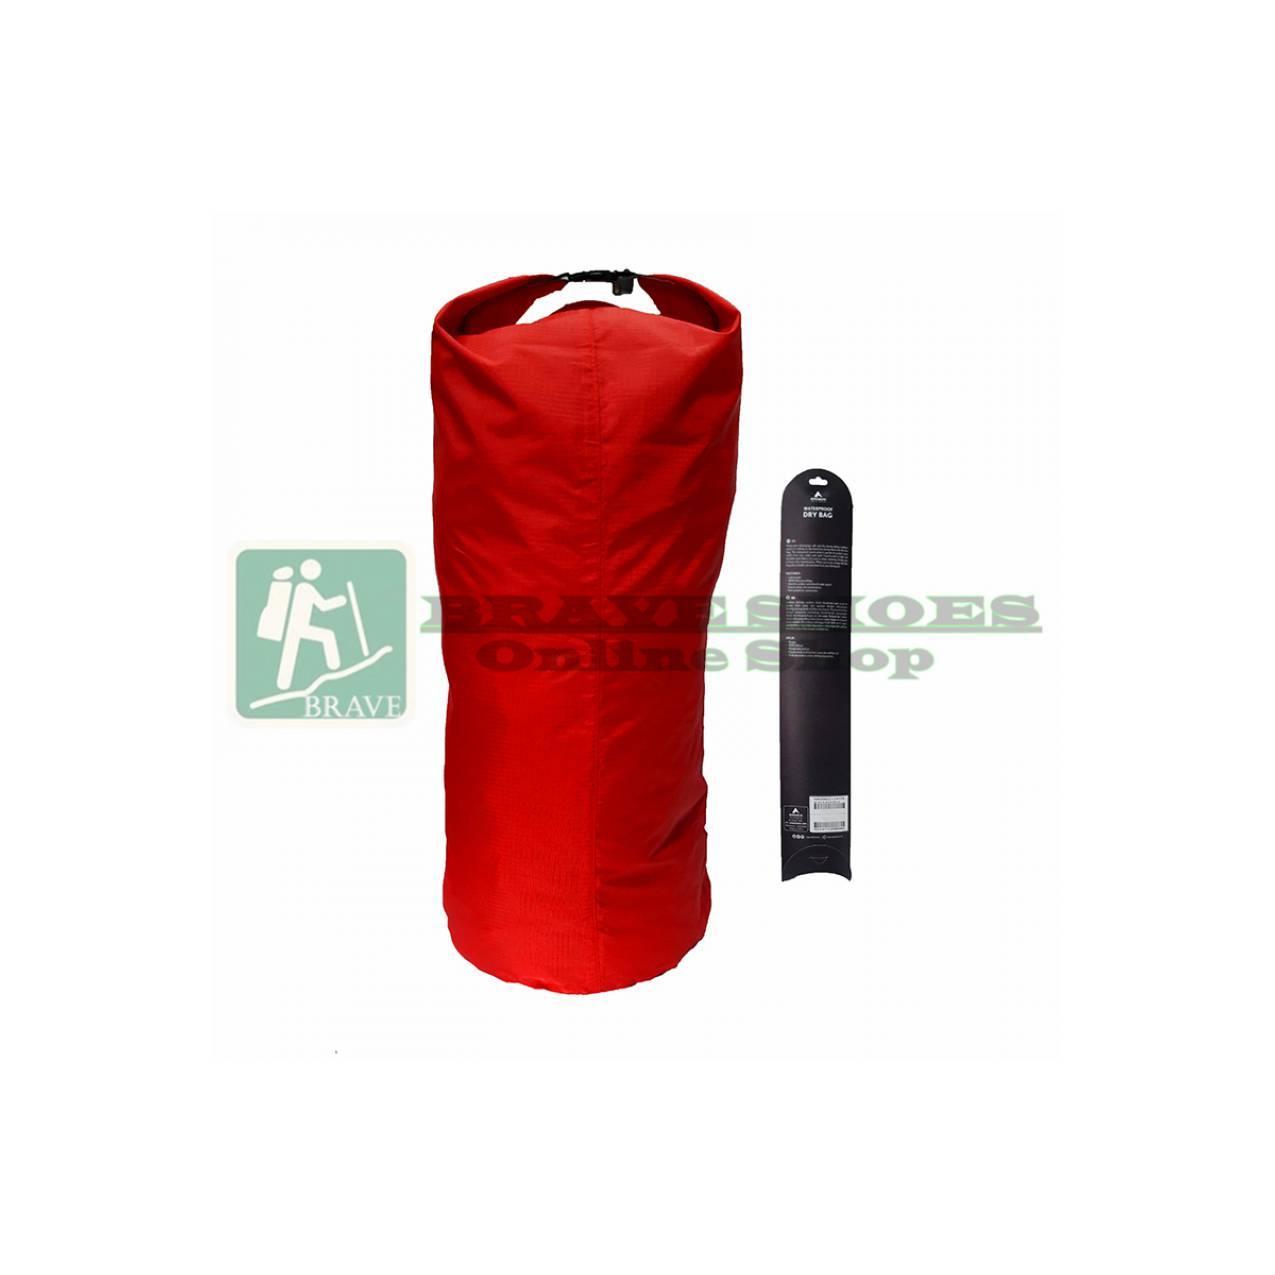 DRY BAG EIGER 30L ART 910003450 003 RED - WATERPROOF